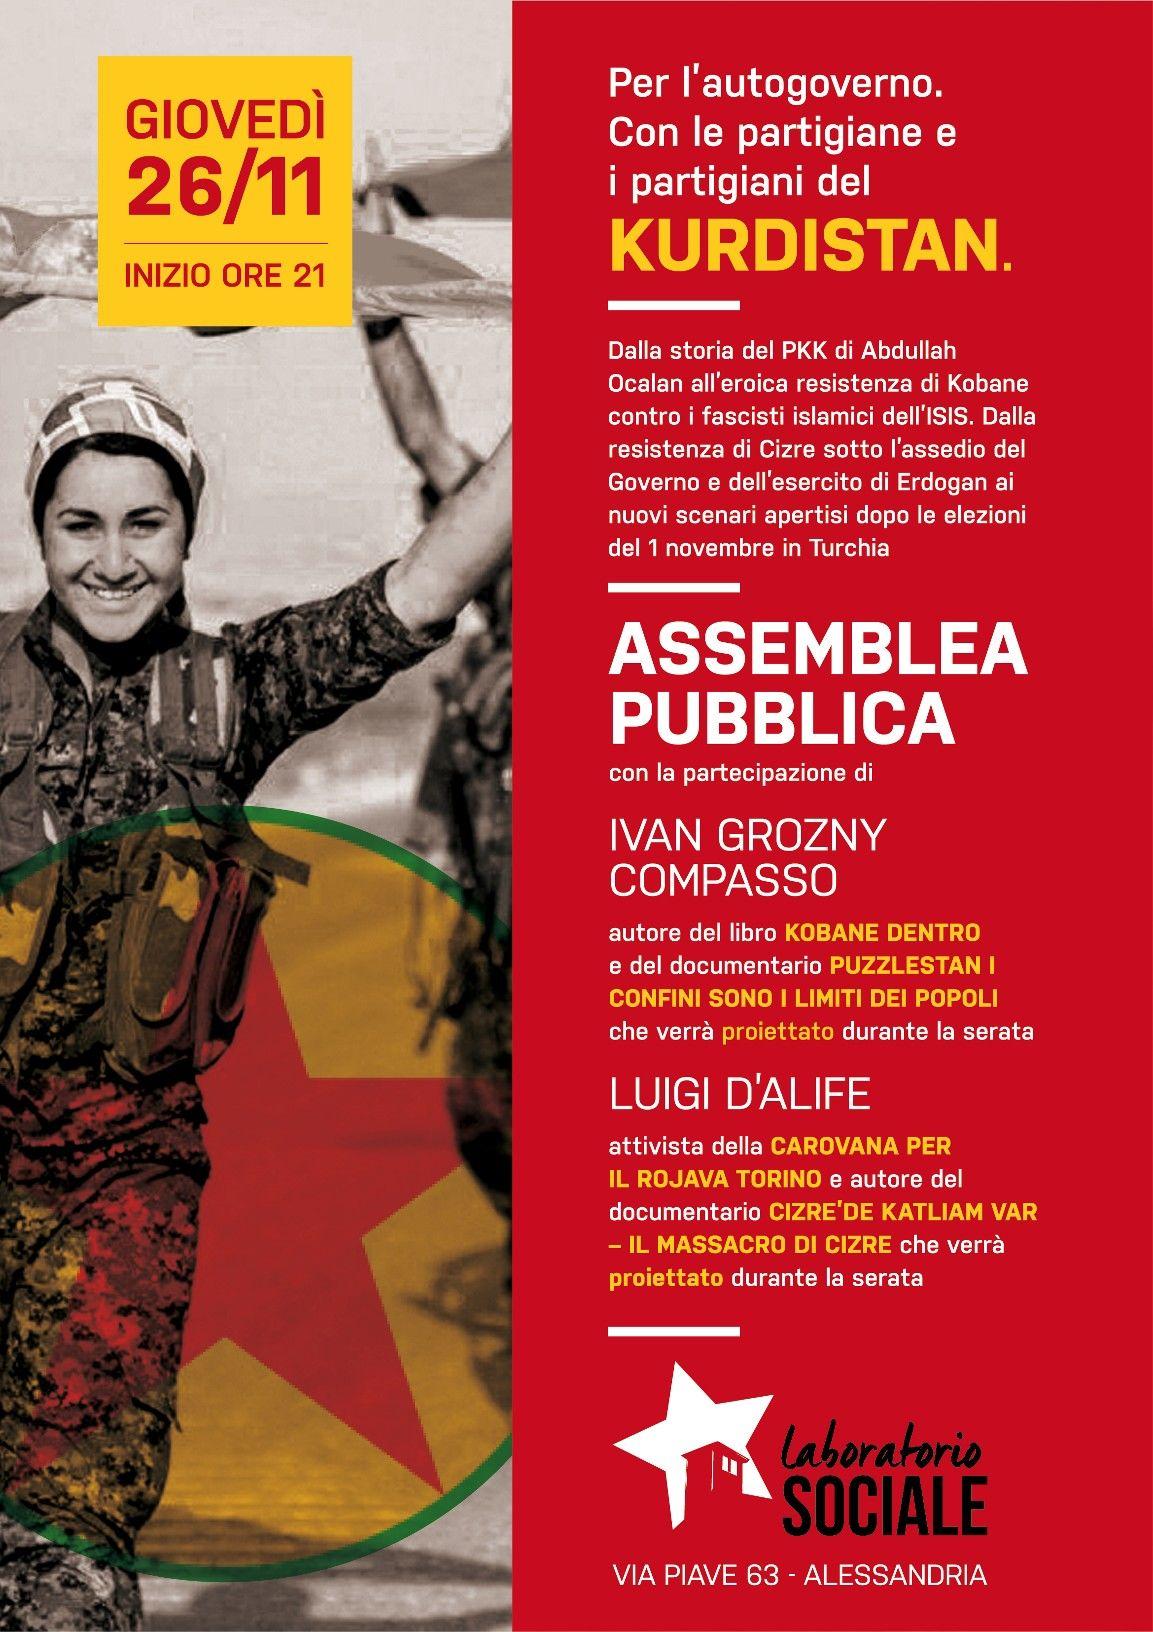 Con i partigiani del Kurdistan – giovedì 26 novembre al Laboratorio Sociale